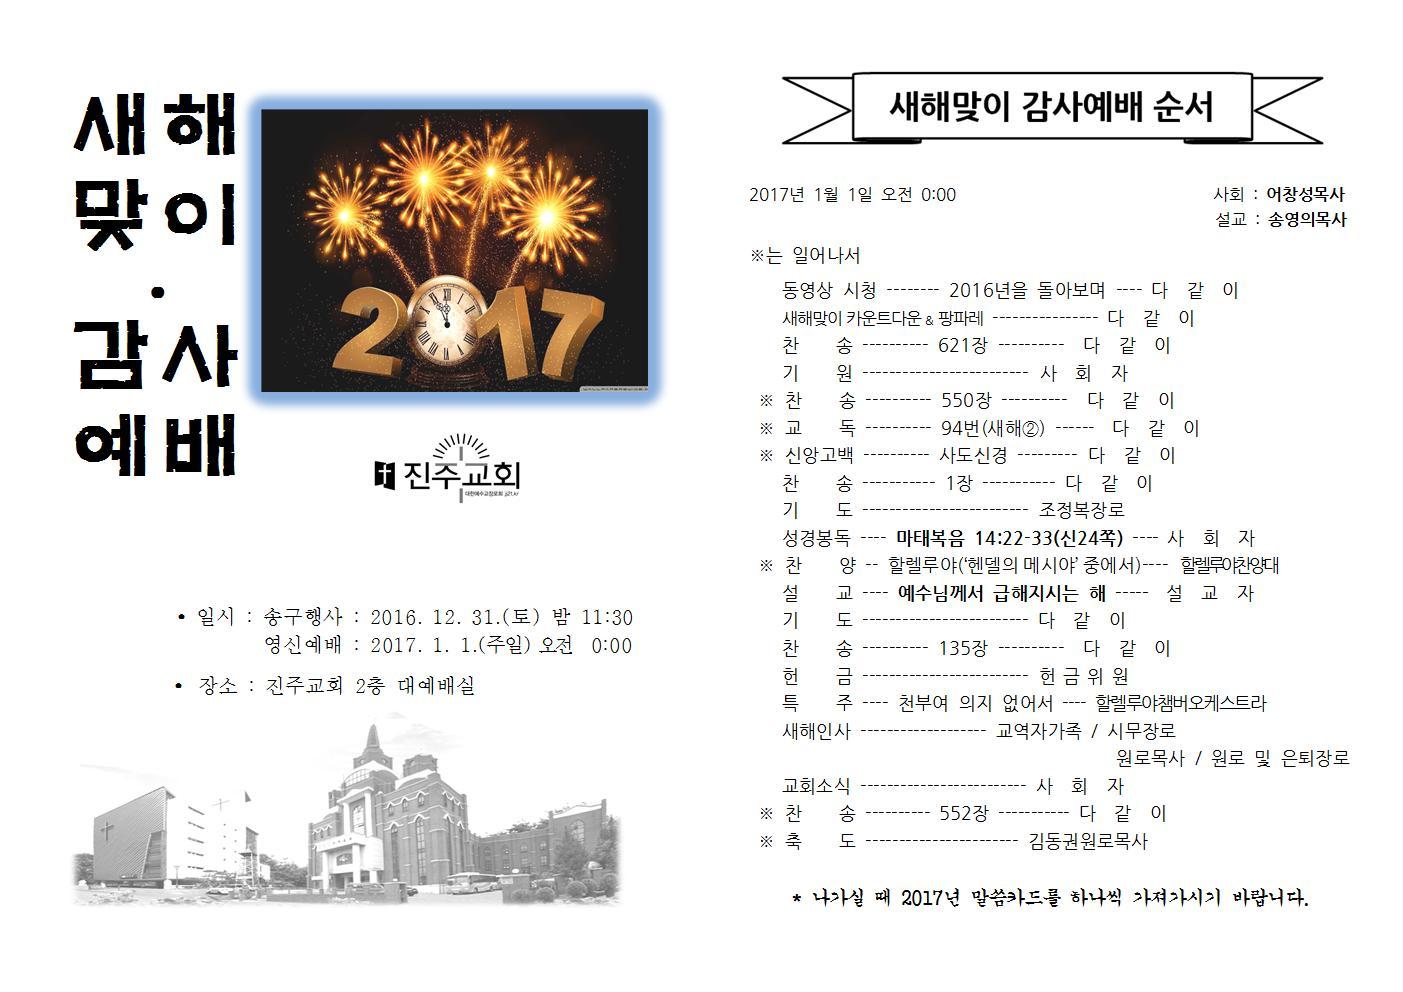 2017년 01월 01일(새해맞이감사예배)001.jpg